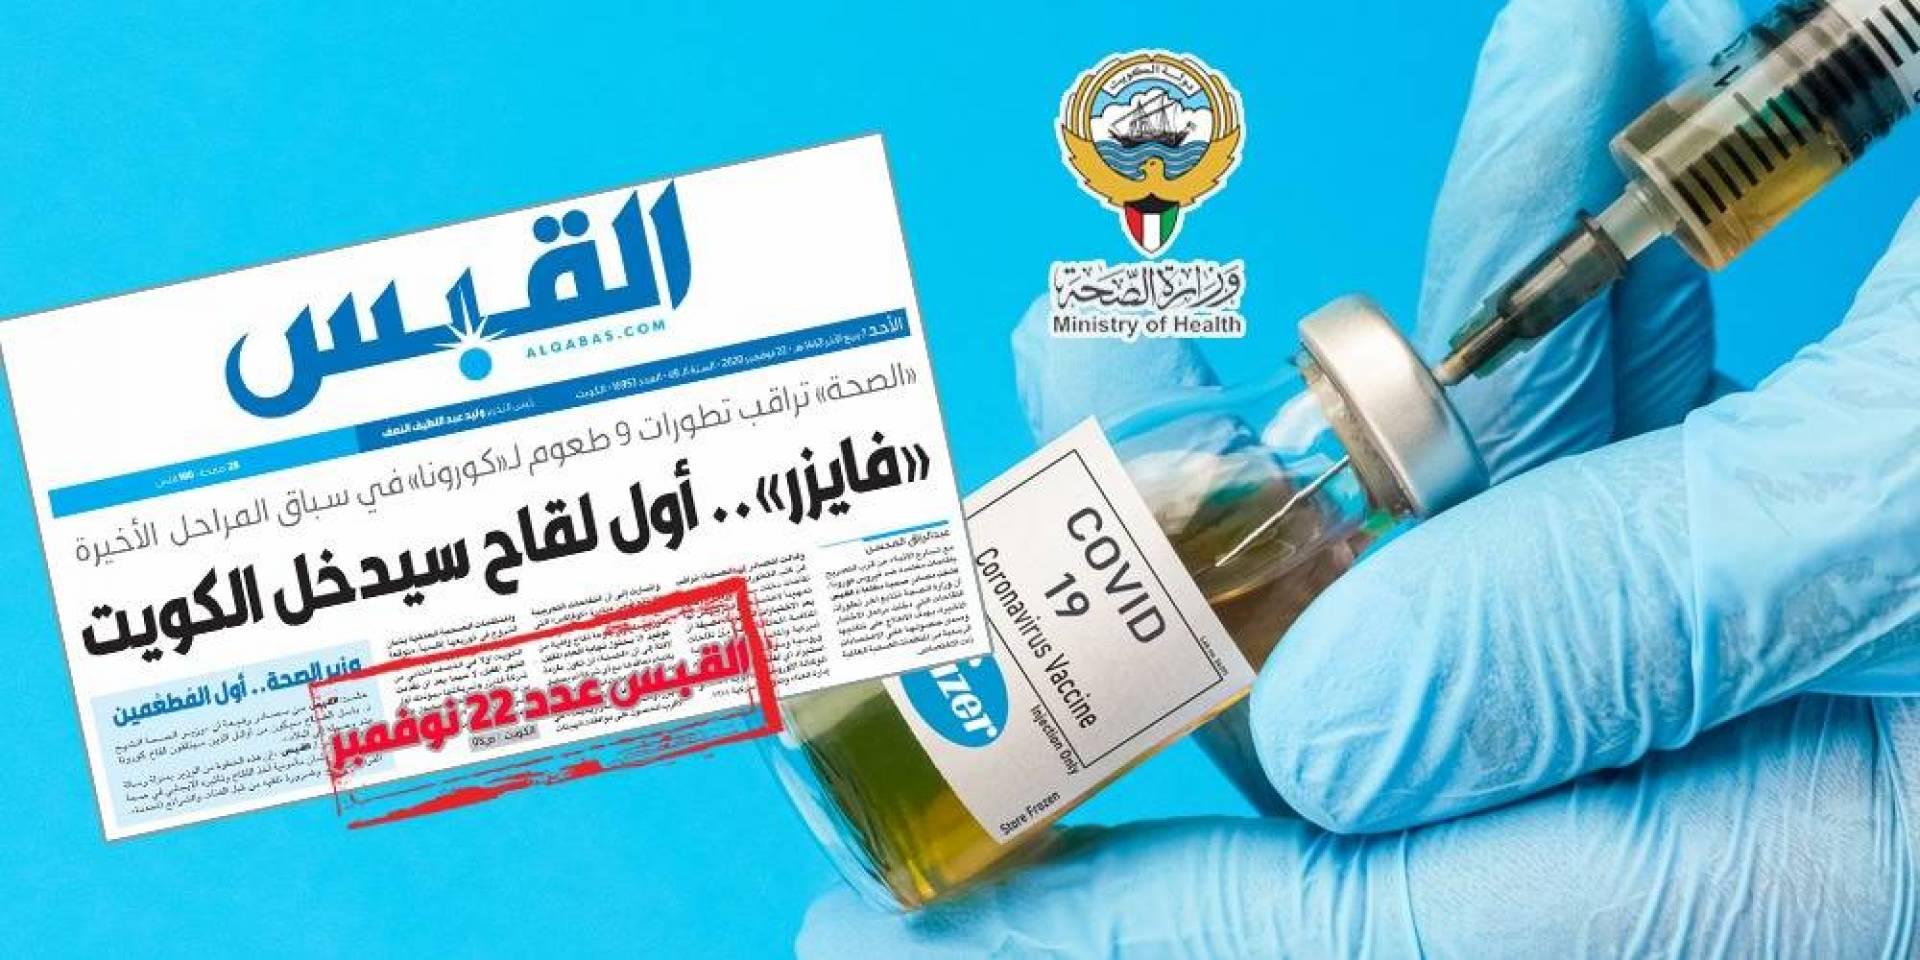 لقاح فايزر في الكويت نهاية ديسمبر